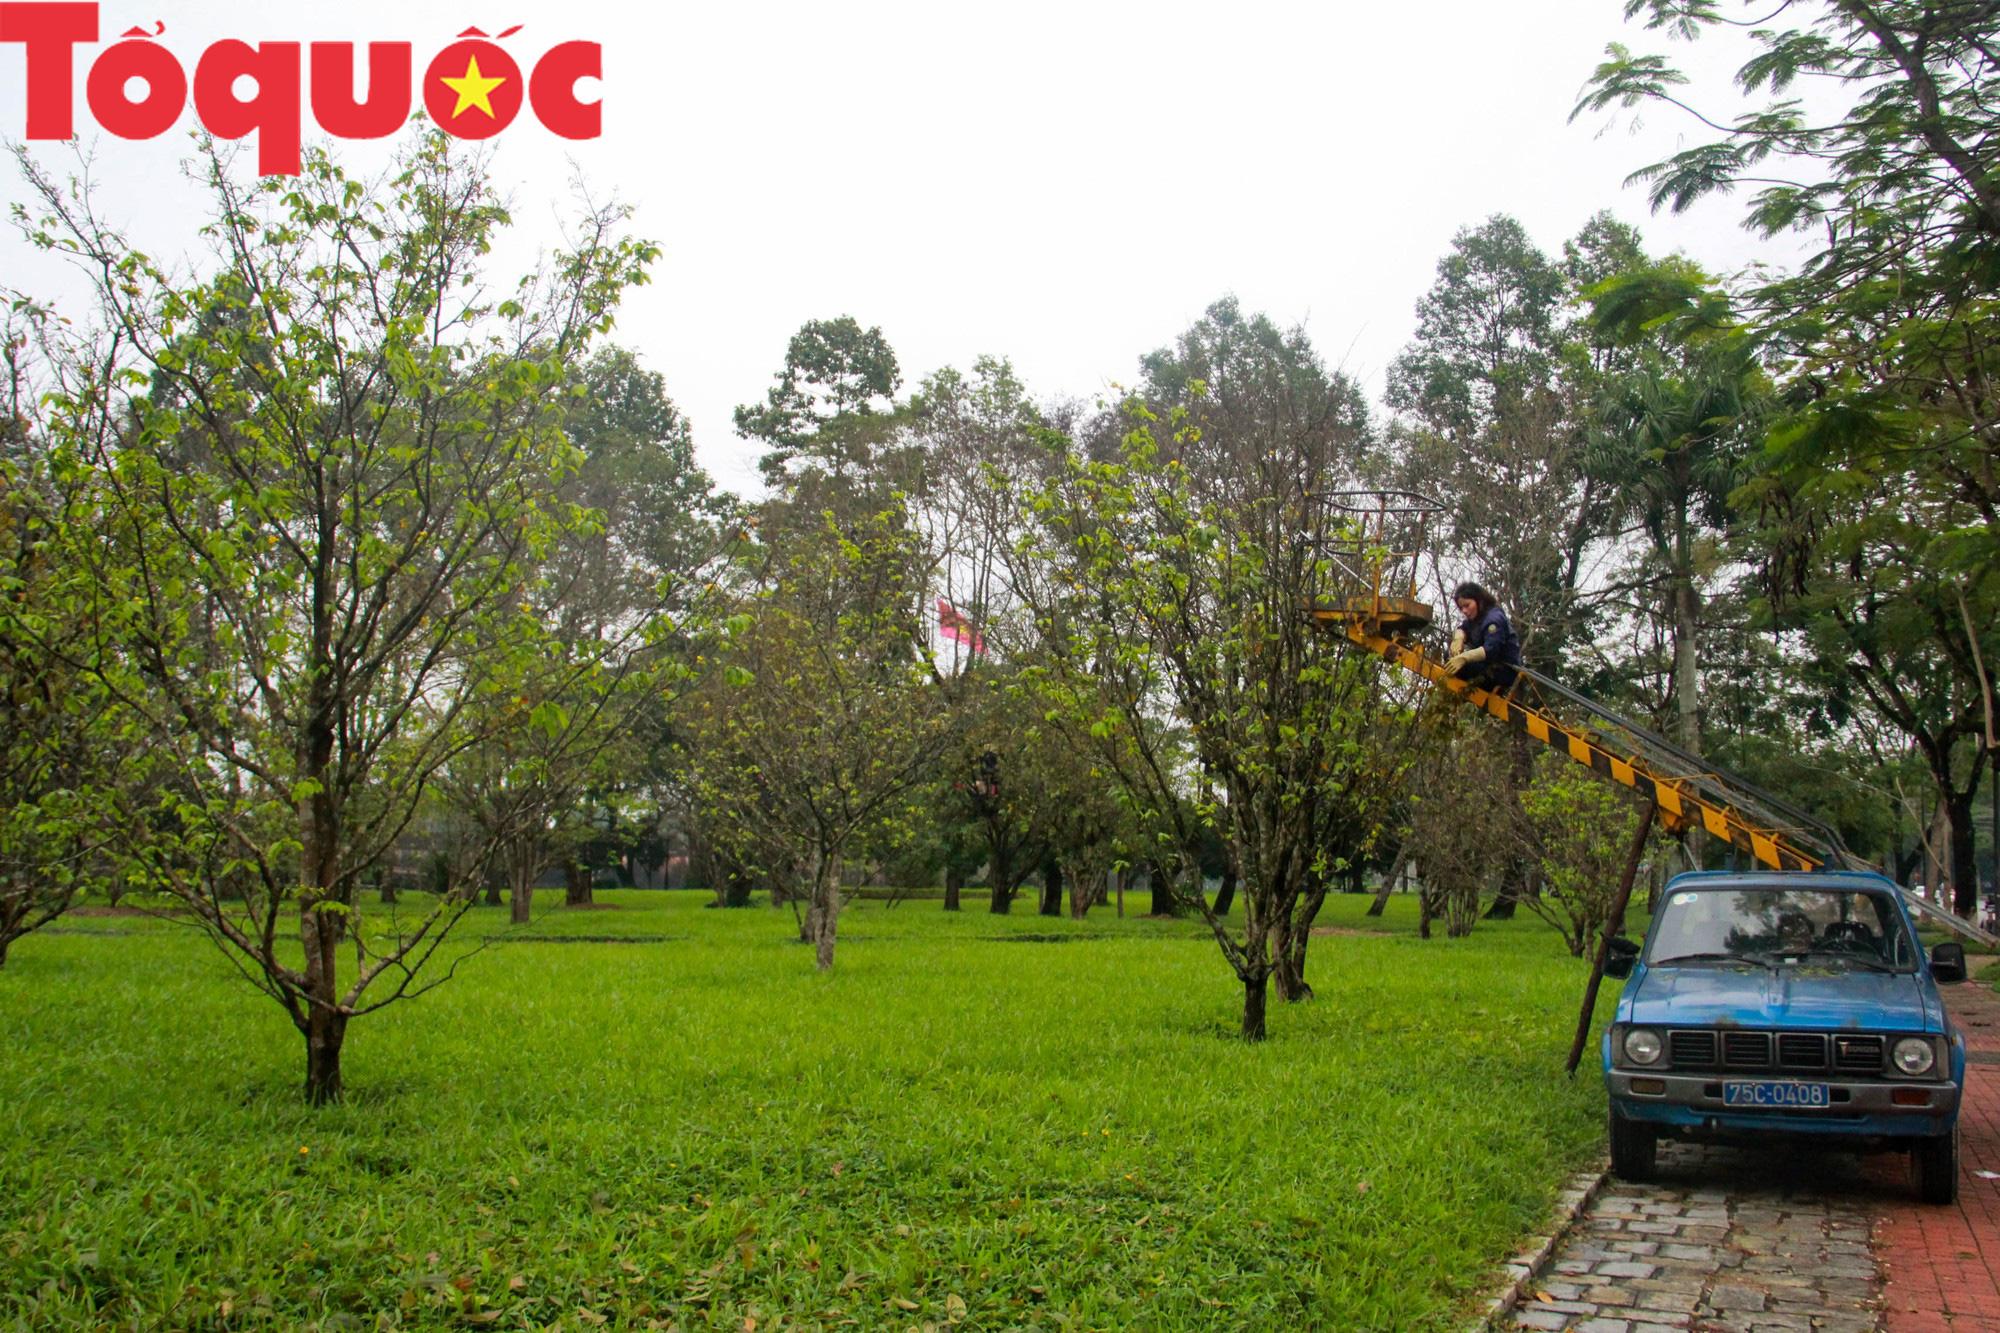 Công nhân nữ đội rét, đu mình trên cây chăm vườn mai khủng trước Kinh thành Huế - Ảnh 1.